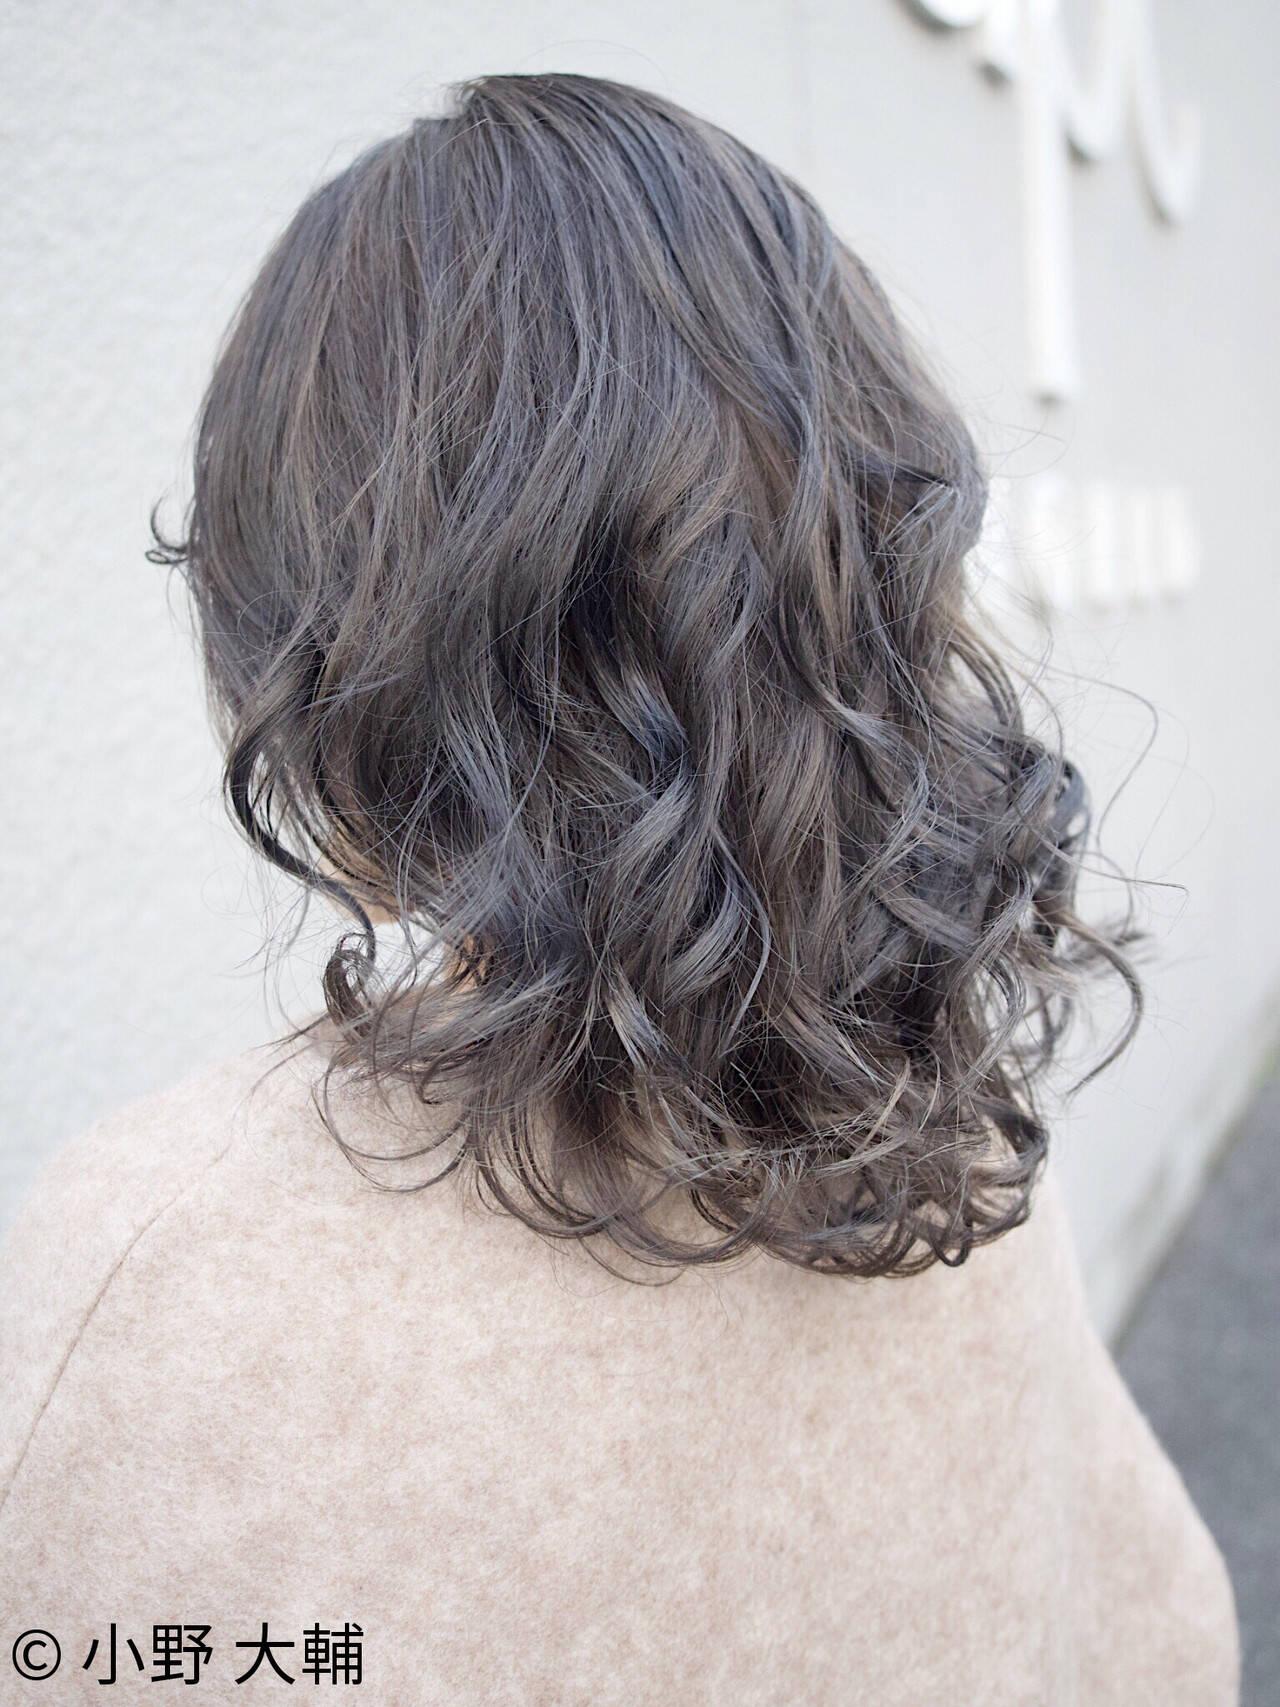 グレージュ ハイライト 外国人風カラー アンニュイほつれヘアヘアスタイルや髪型の写真・画像